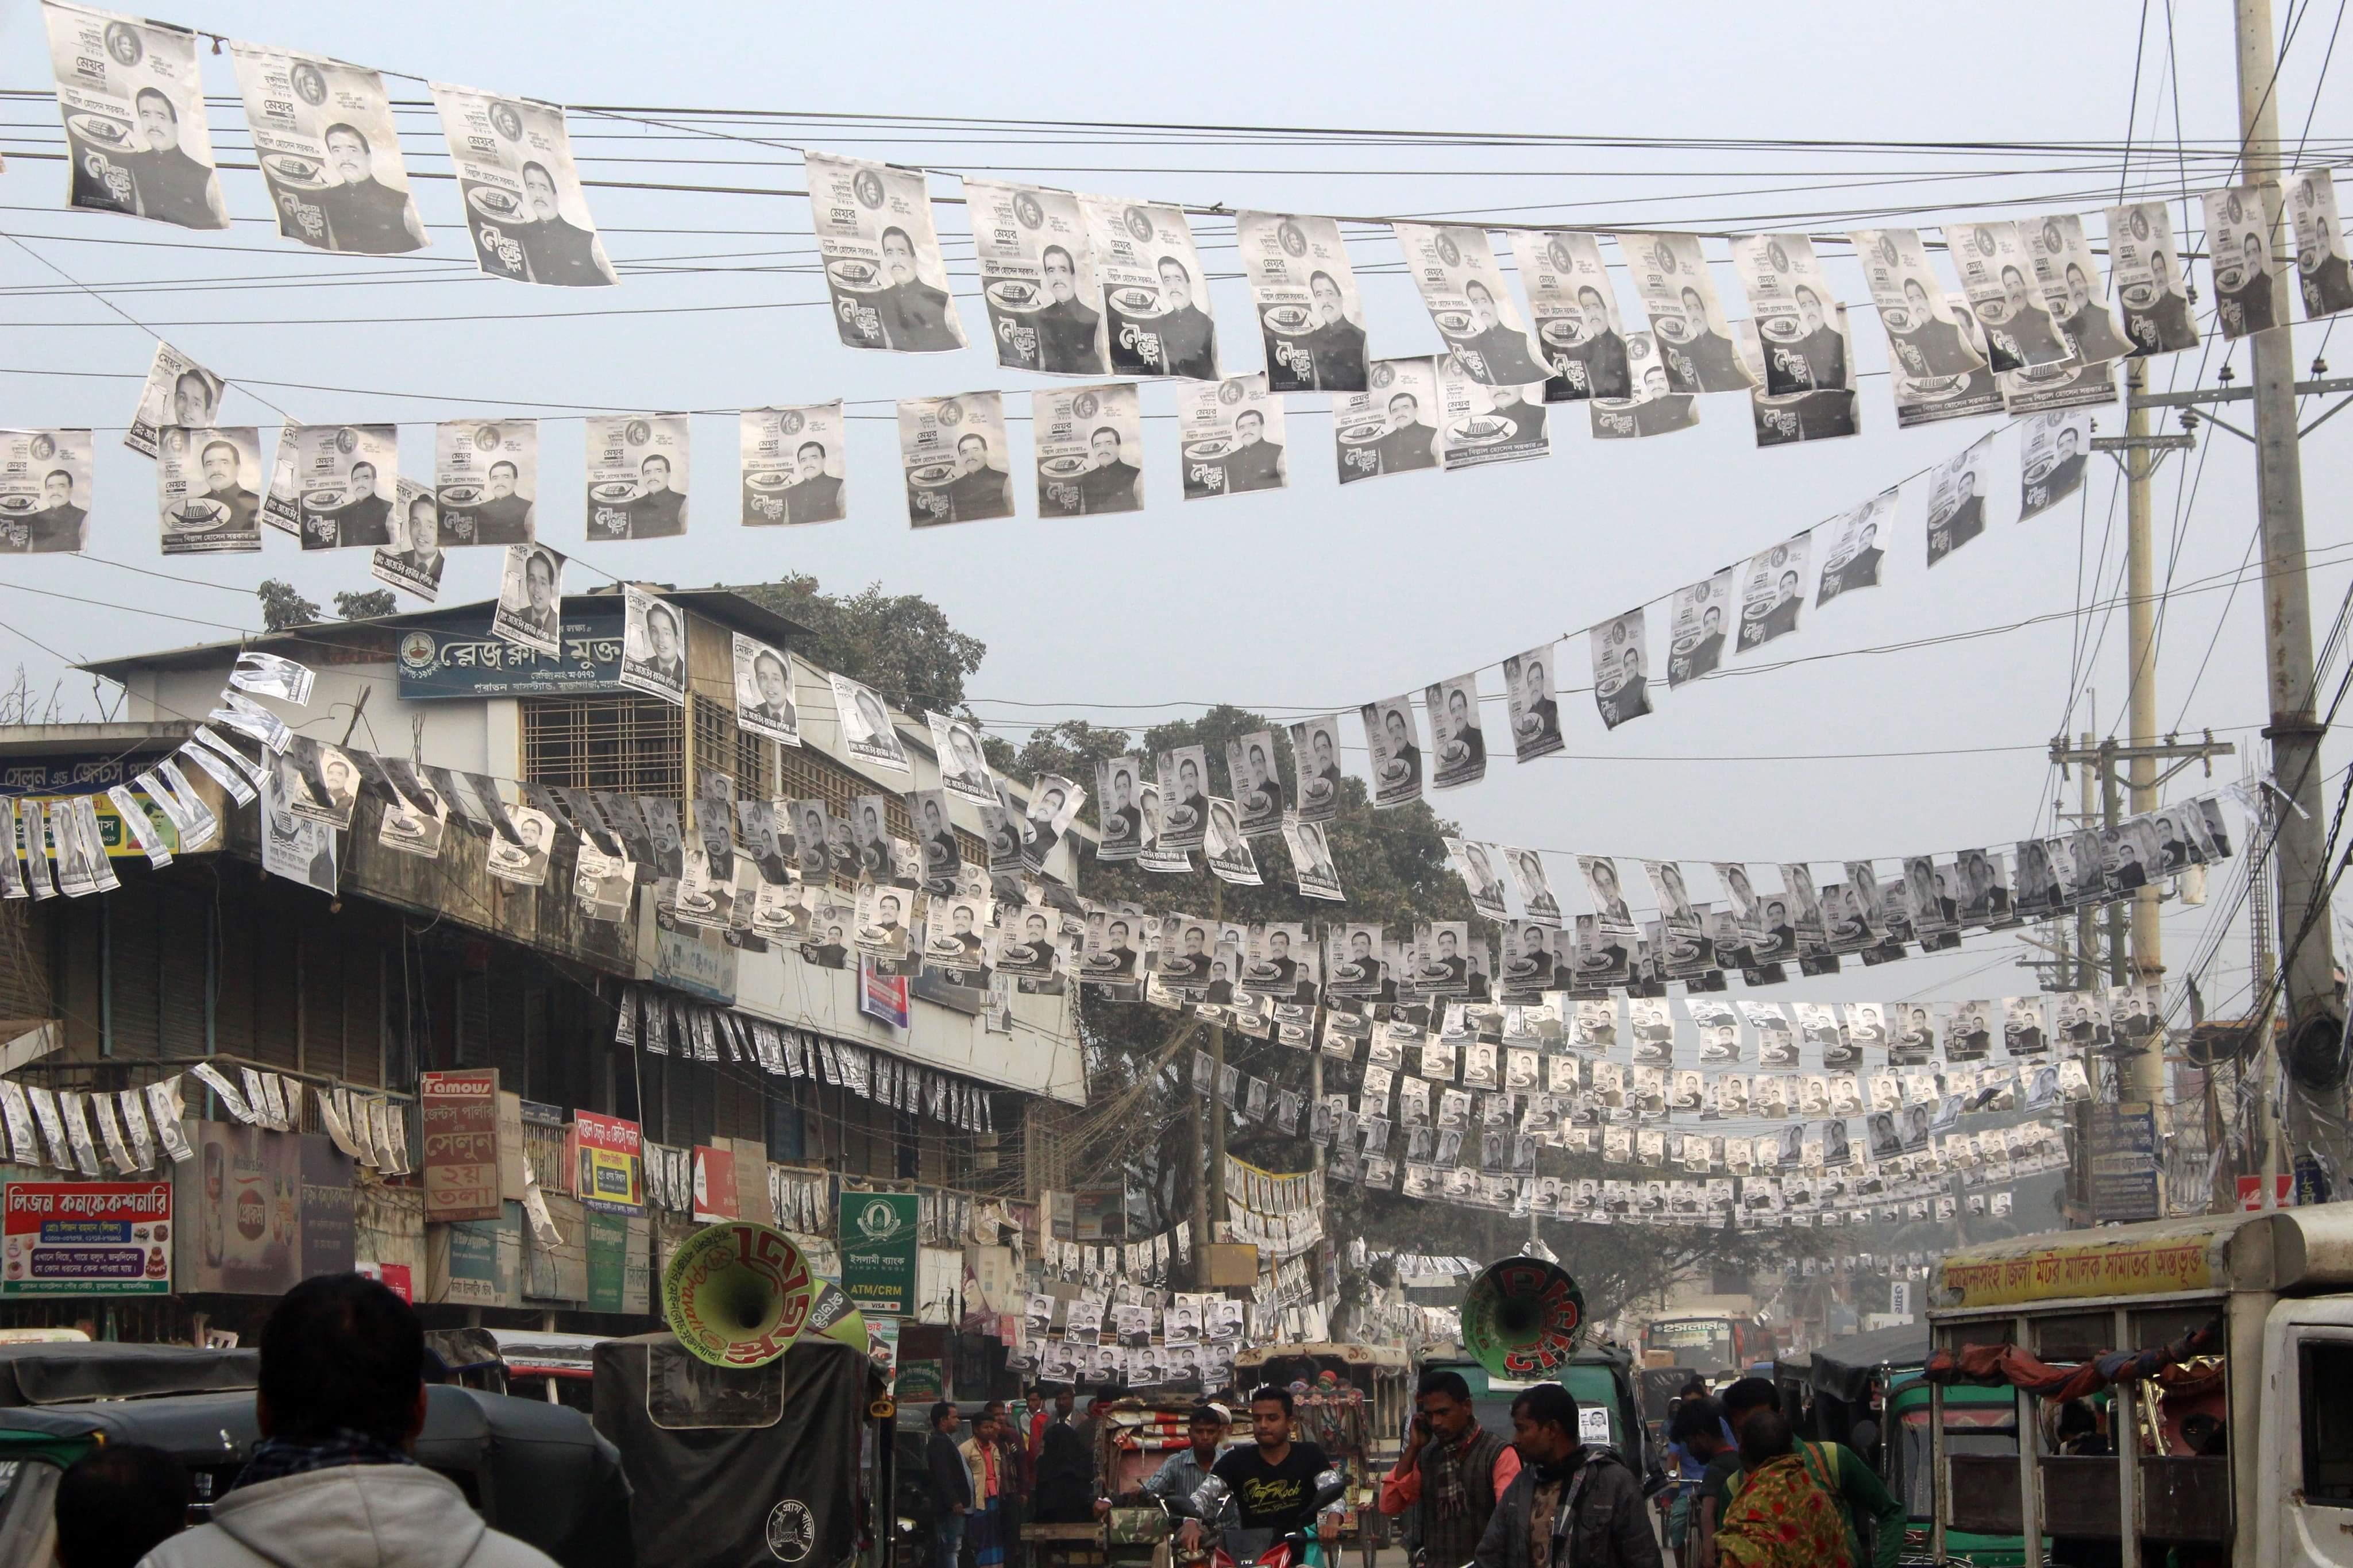 রাত পোহালেই মুক্তাগাছা পৌরসভার ভোটগ্রহন,শেষ মুহুর্তের প্রচারণায় ব্যস্ত প্রর্থীরা